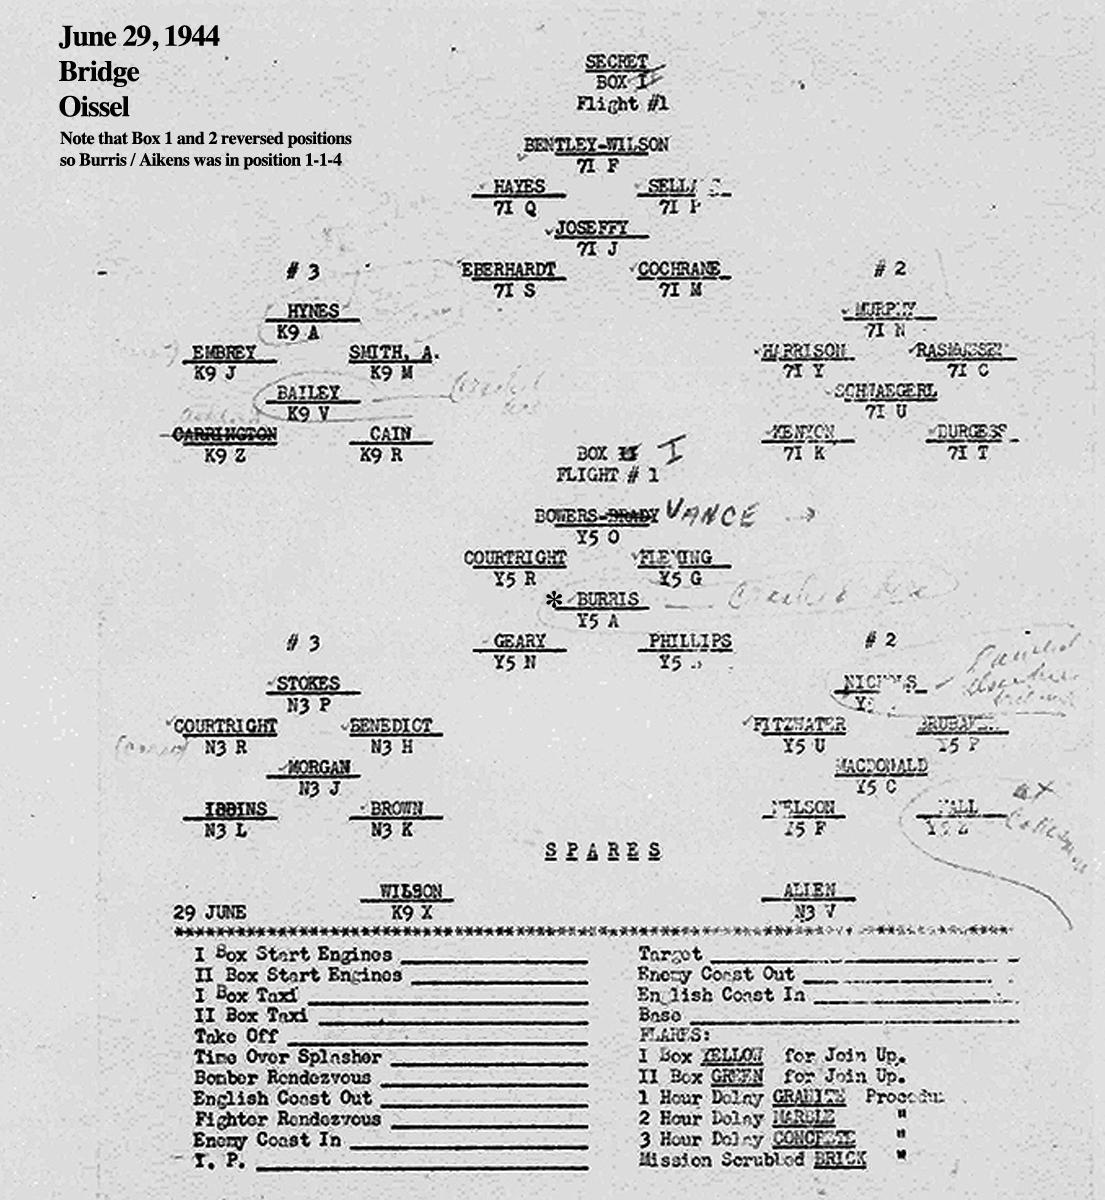 B0291 p965 June 29, 1944 Form Burris-Aiken